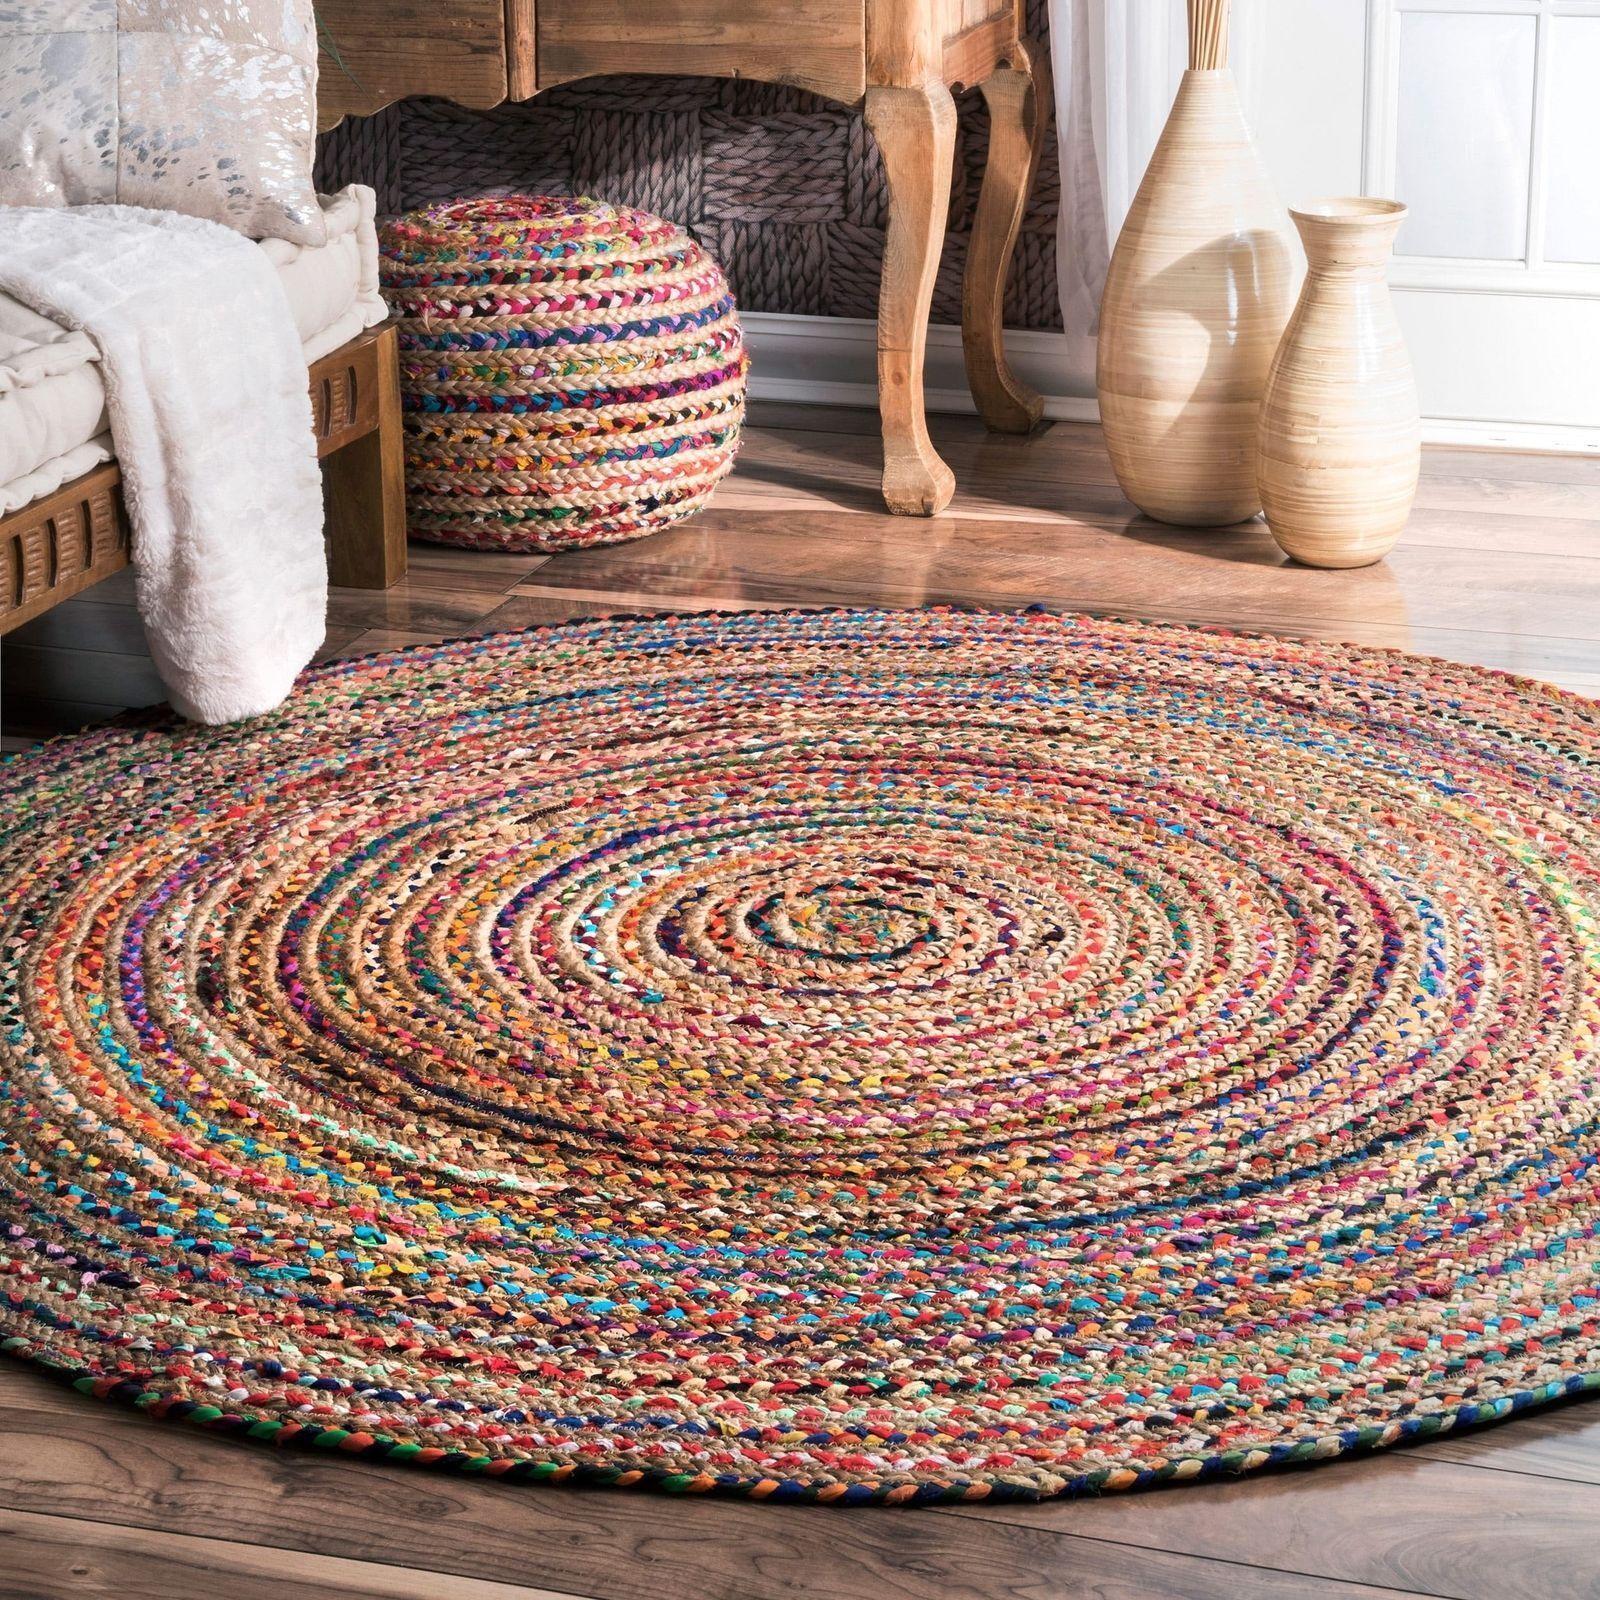 Indiano intrecciate tondo tappeto mano fatto in casa TERRA-TAPPETO 60,90,120 & 150 cm